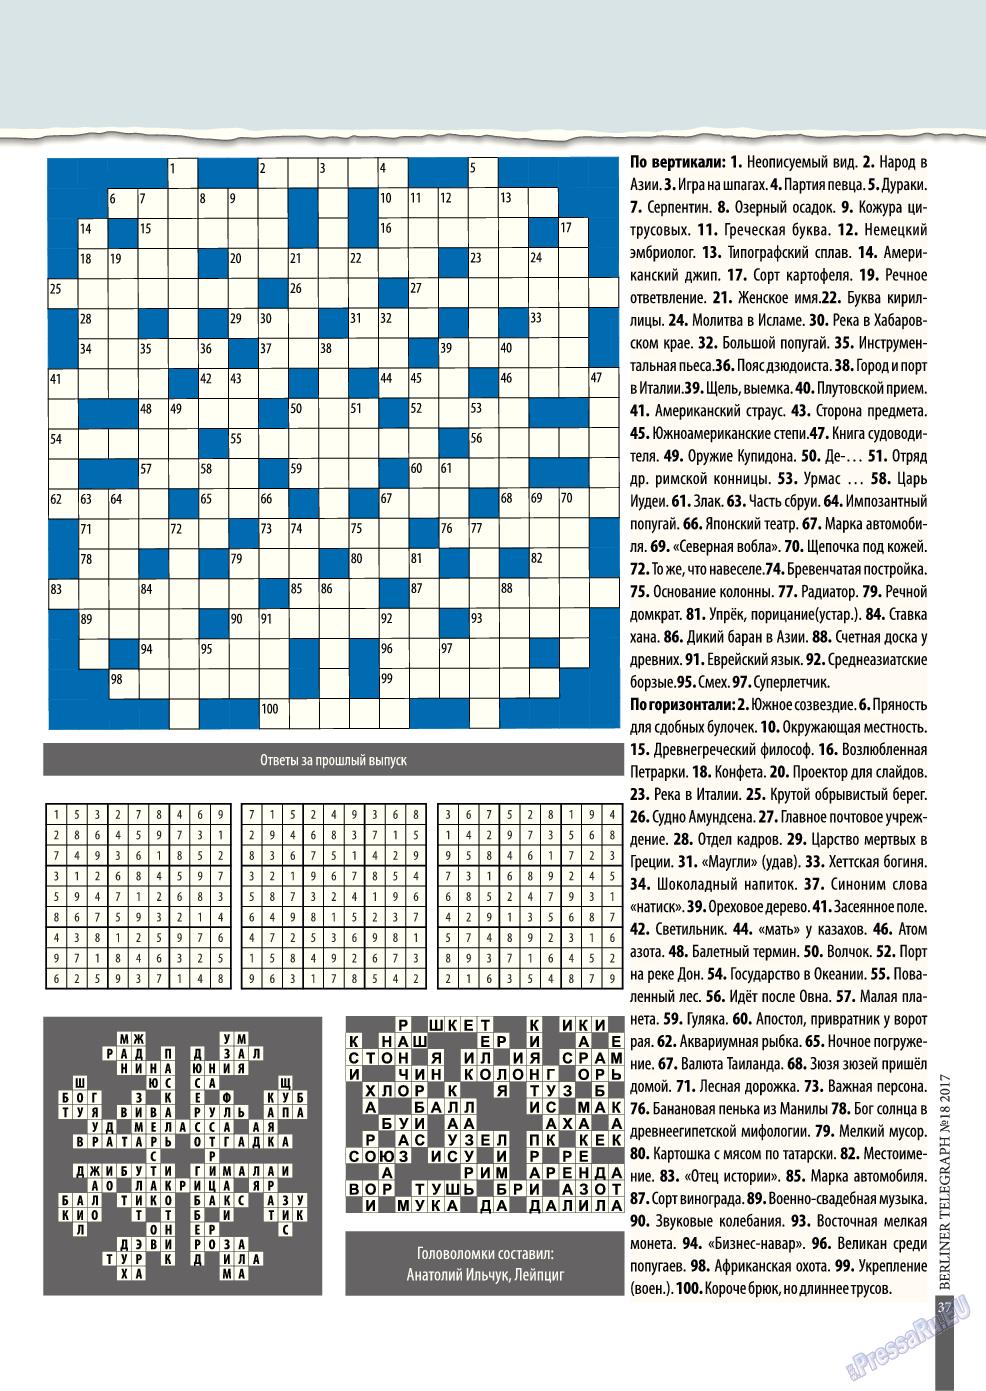 Берлинский телеграф (журнал). 2017 год, номер 18, стр. 37